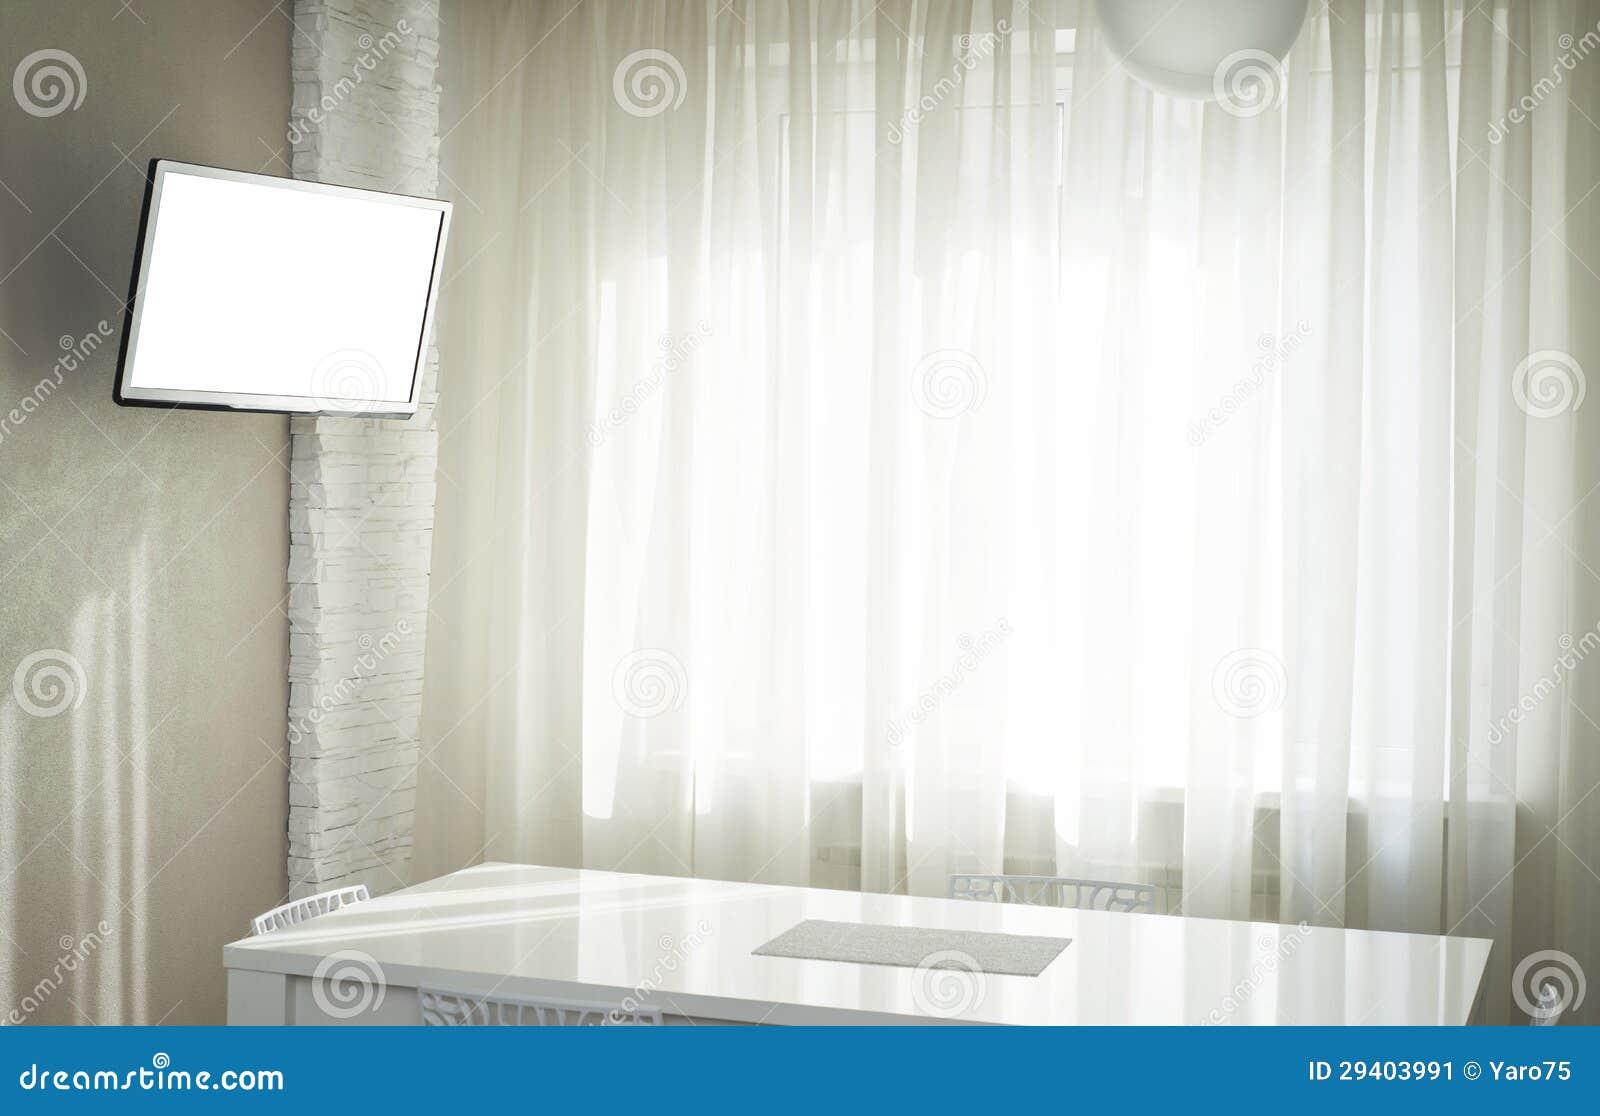 TV in cucina immagine stock. Immagine di cucina, appartamento - 29403991